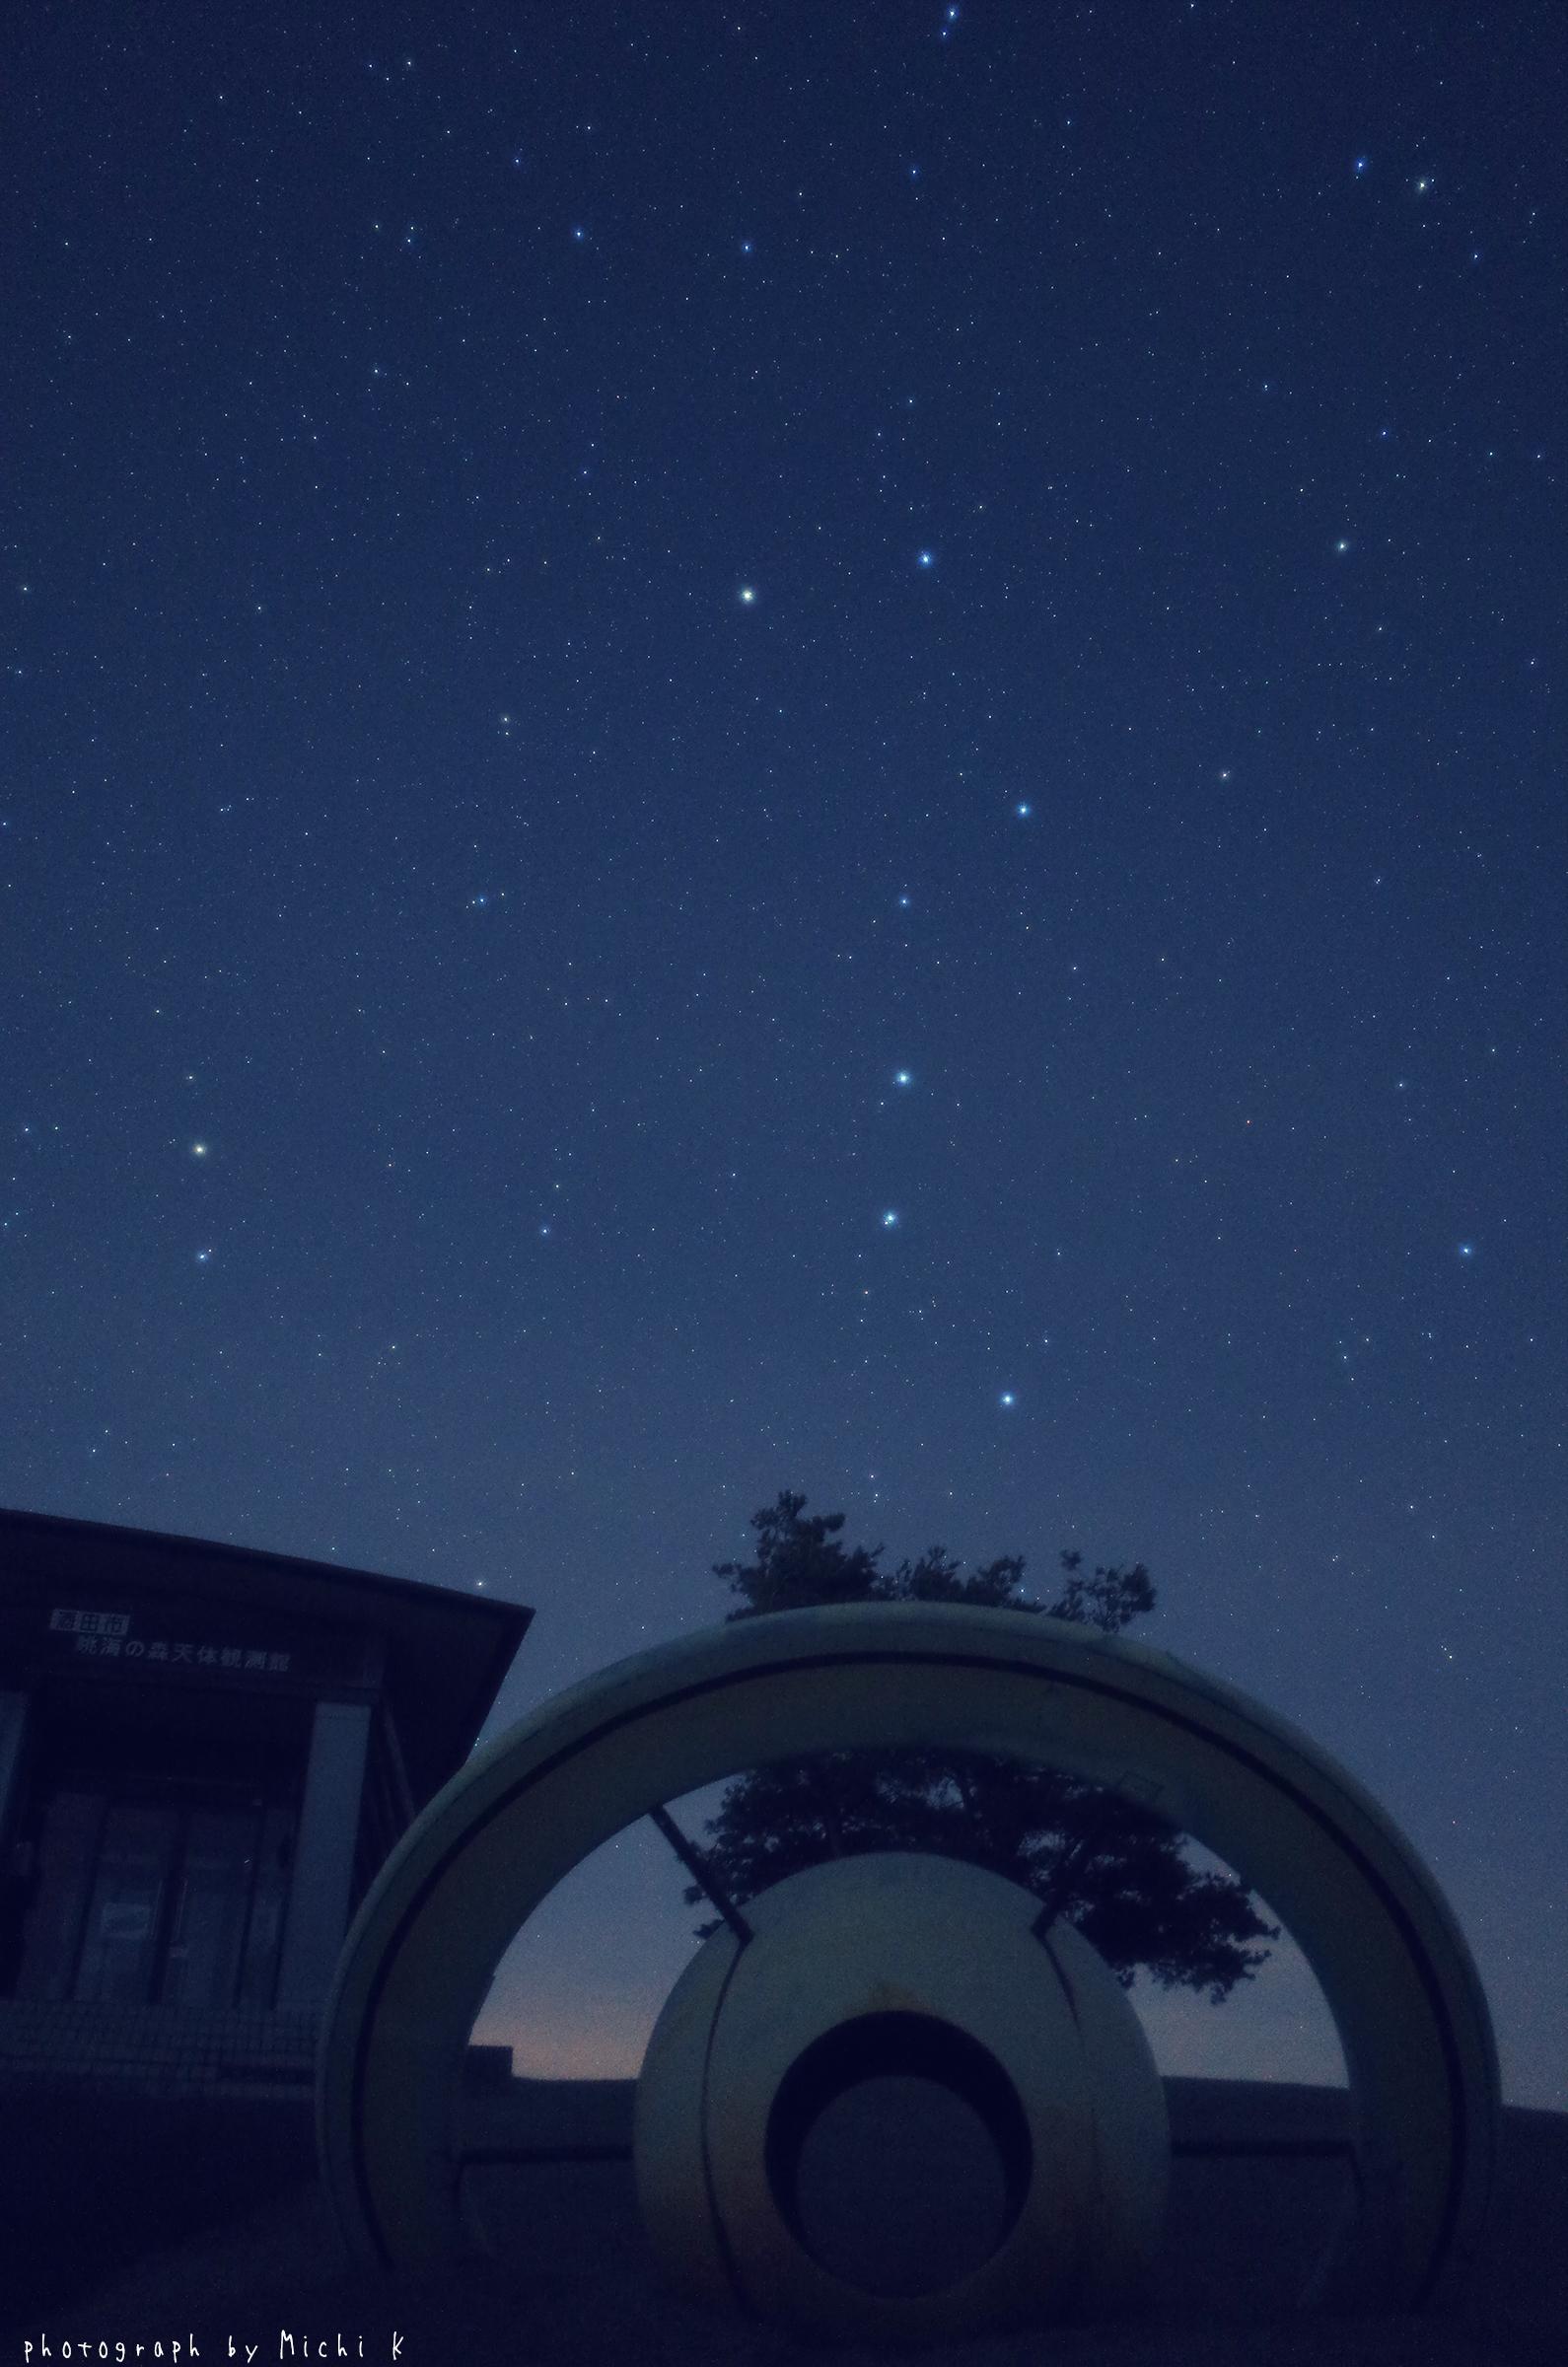 眺海の森で土星モニュメントと北斗七星